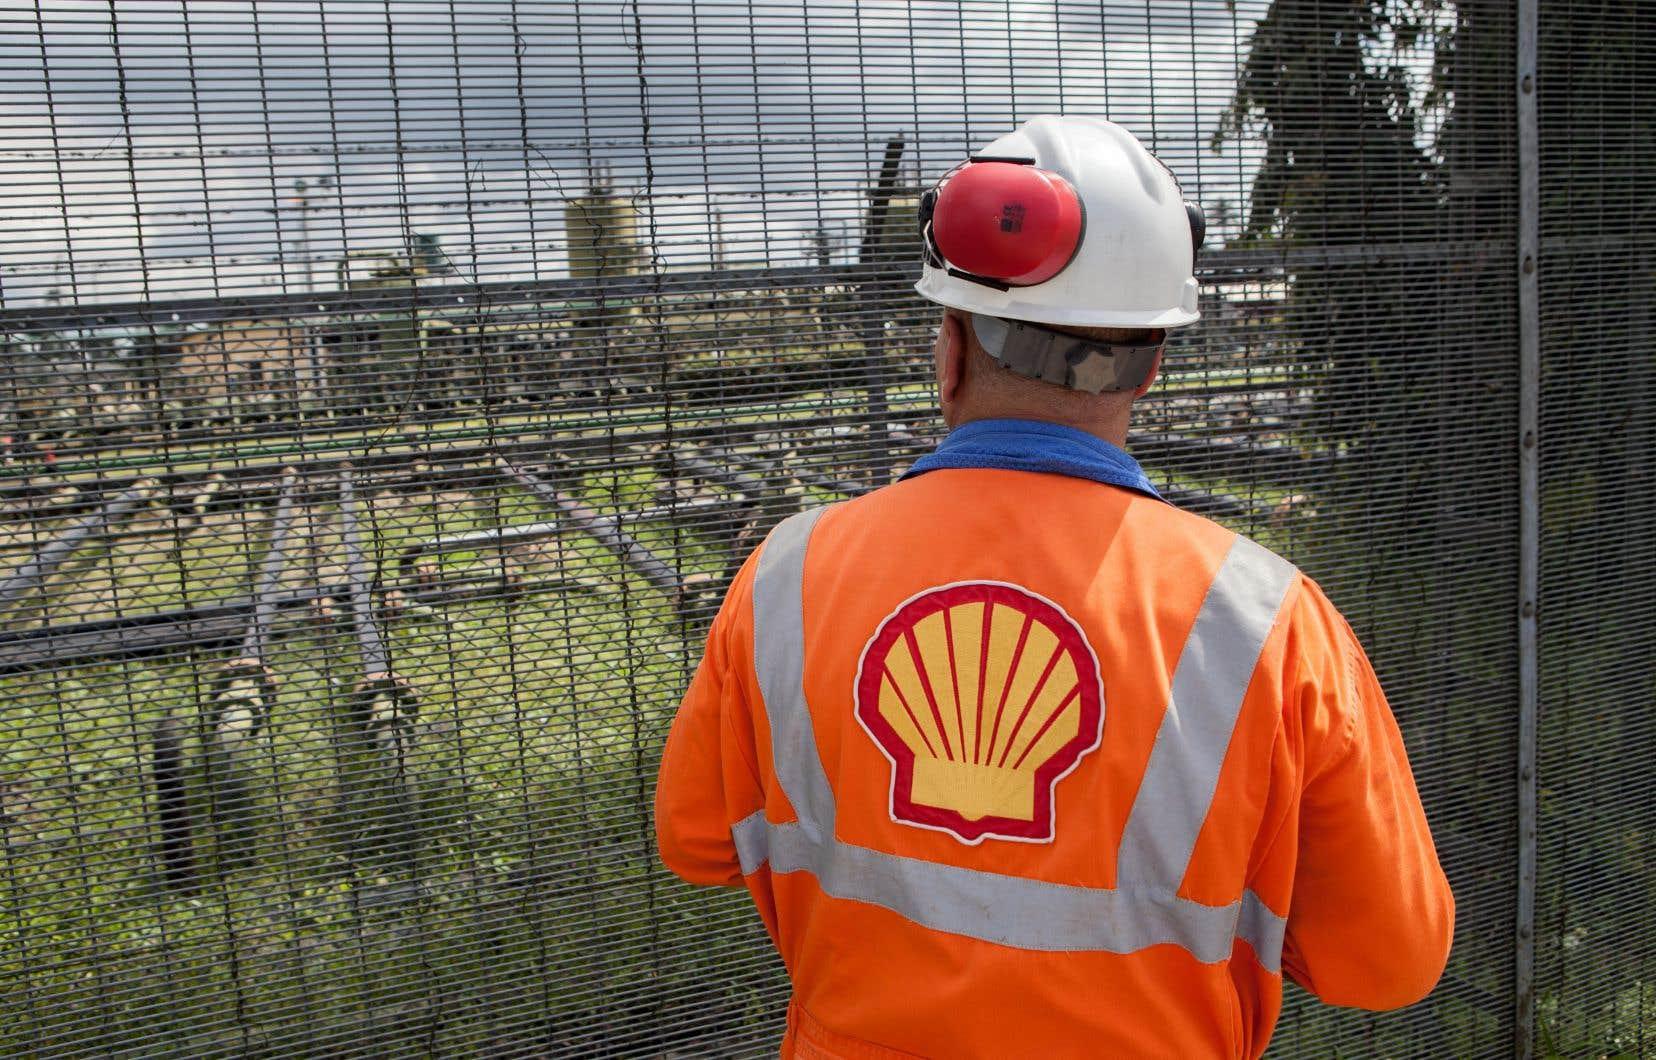 Le Nigeria possède l'une des plus grandes réserves de pétrole sur le continent et l'entreprise Shell y est le plus grand opérateur depuis le début de son exploitation, il y a 50 ans.